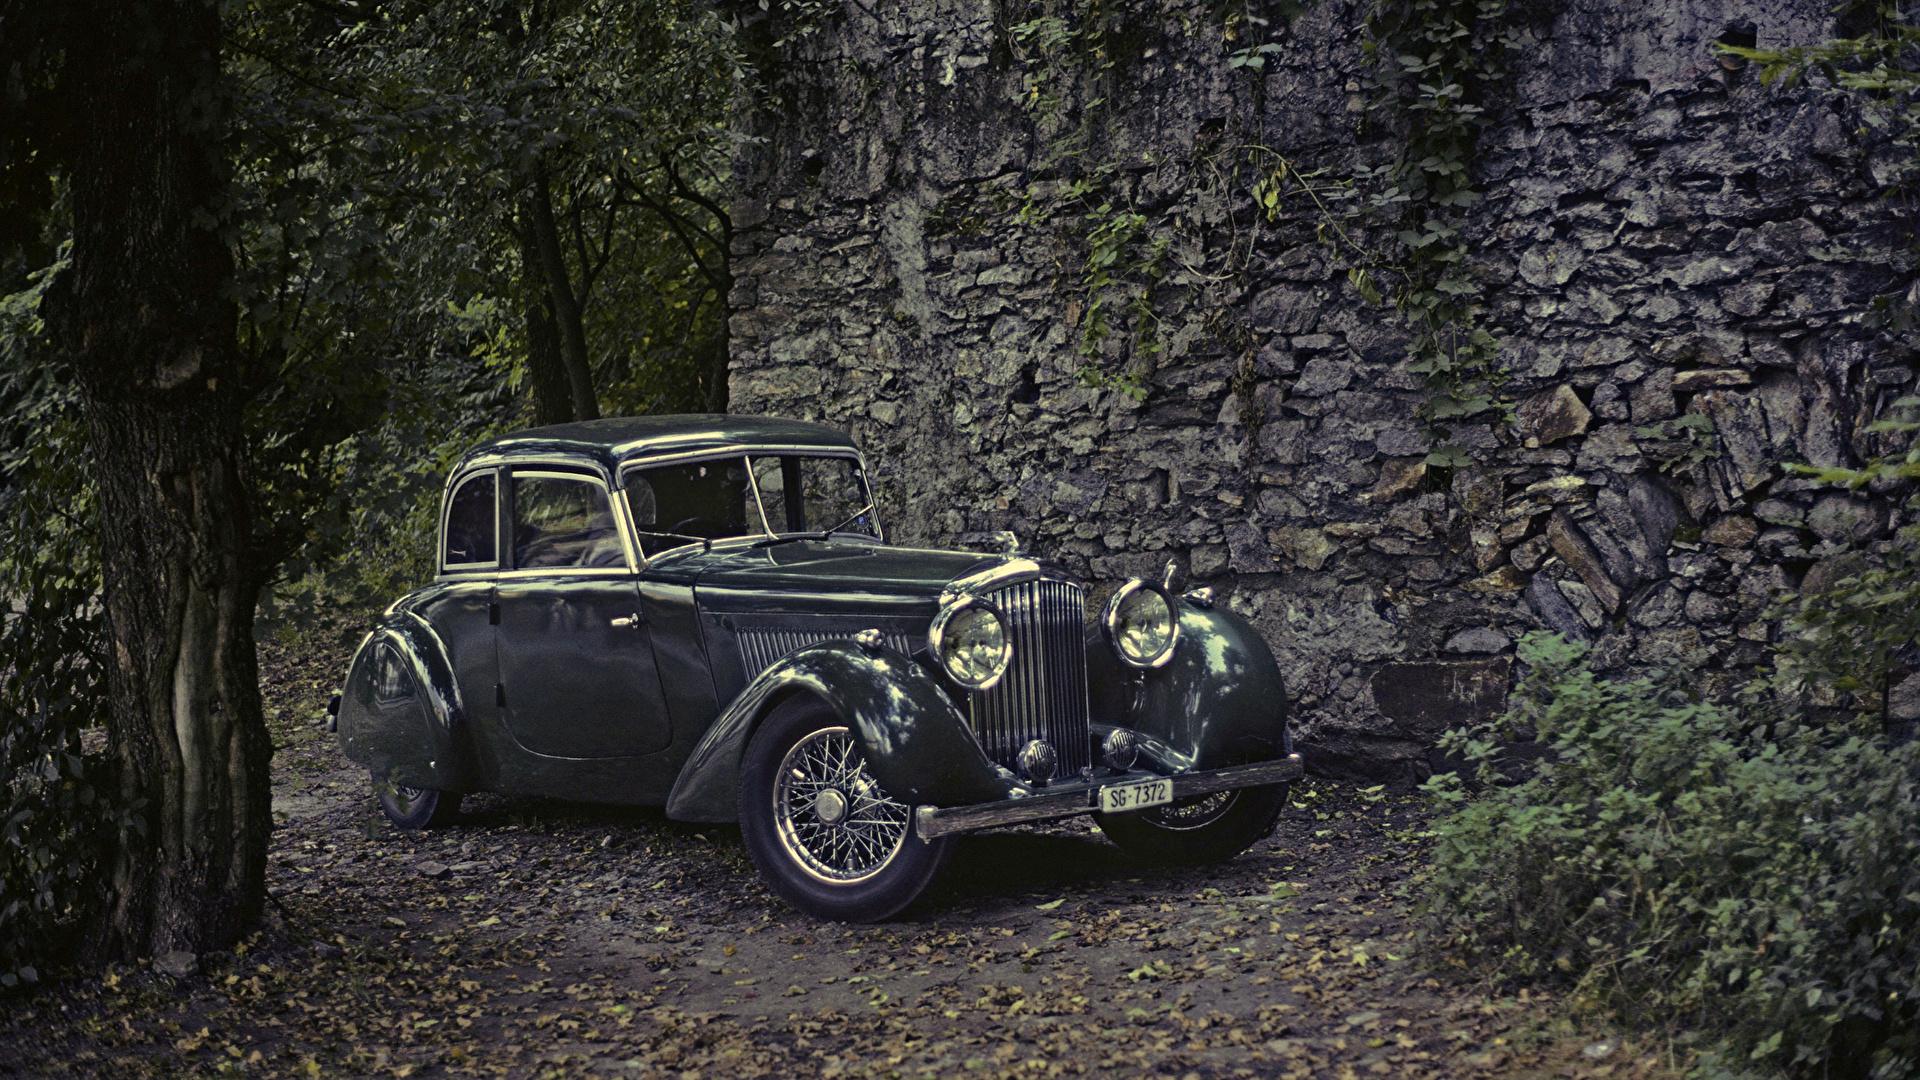 Обои для рабочего стола Bentley 1936 4 ¼ Litre Cabriolet by Köng винтаж Металлик Автомобили 1920x1080 Бентли Ретро старинные авто машины машина автомобиль